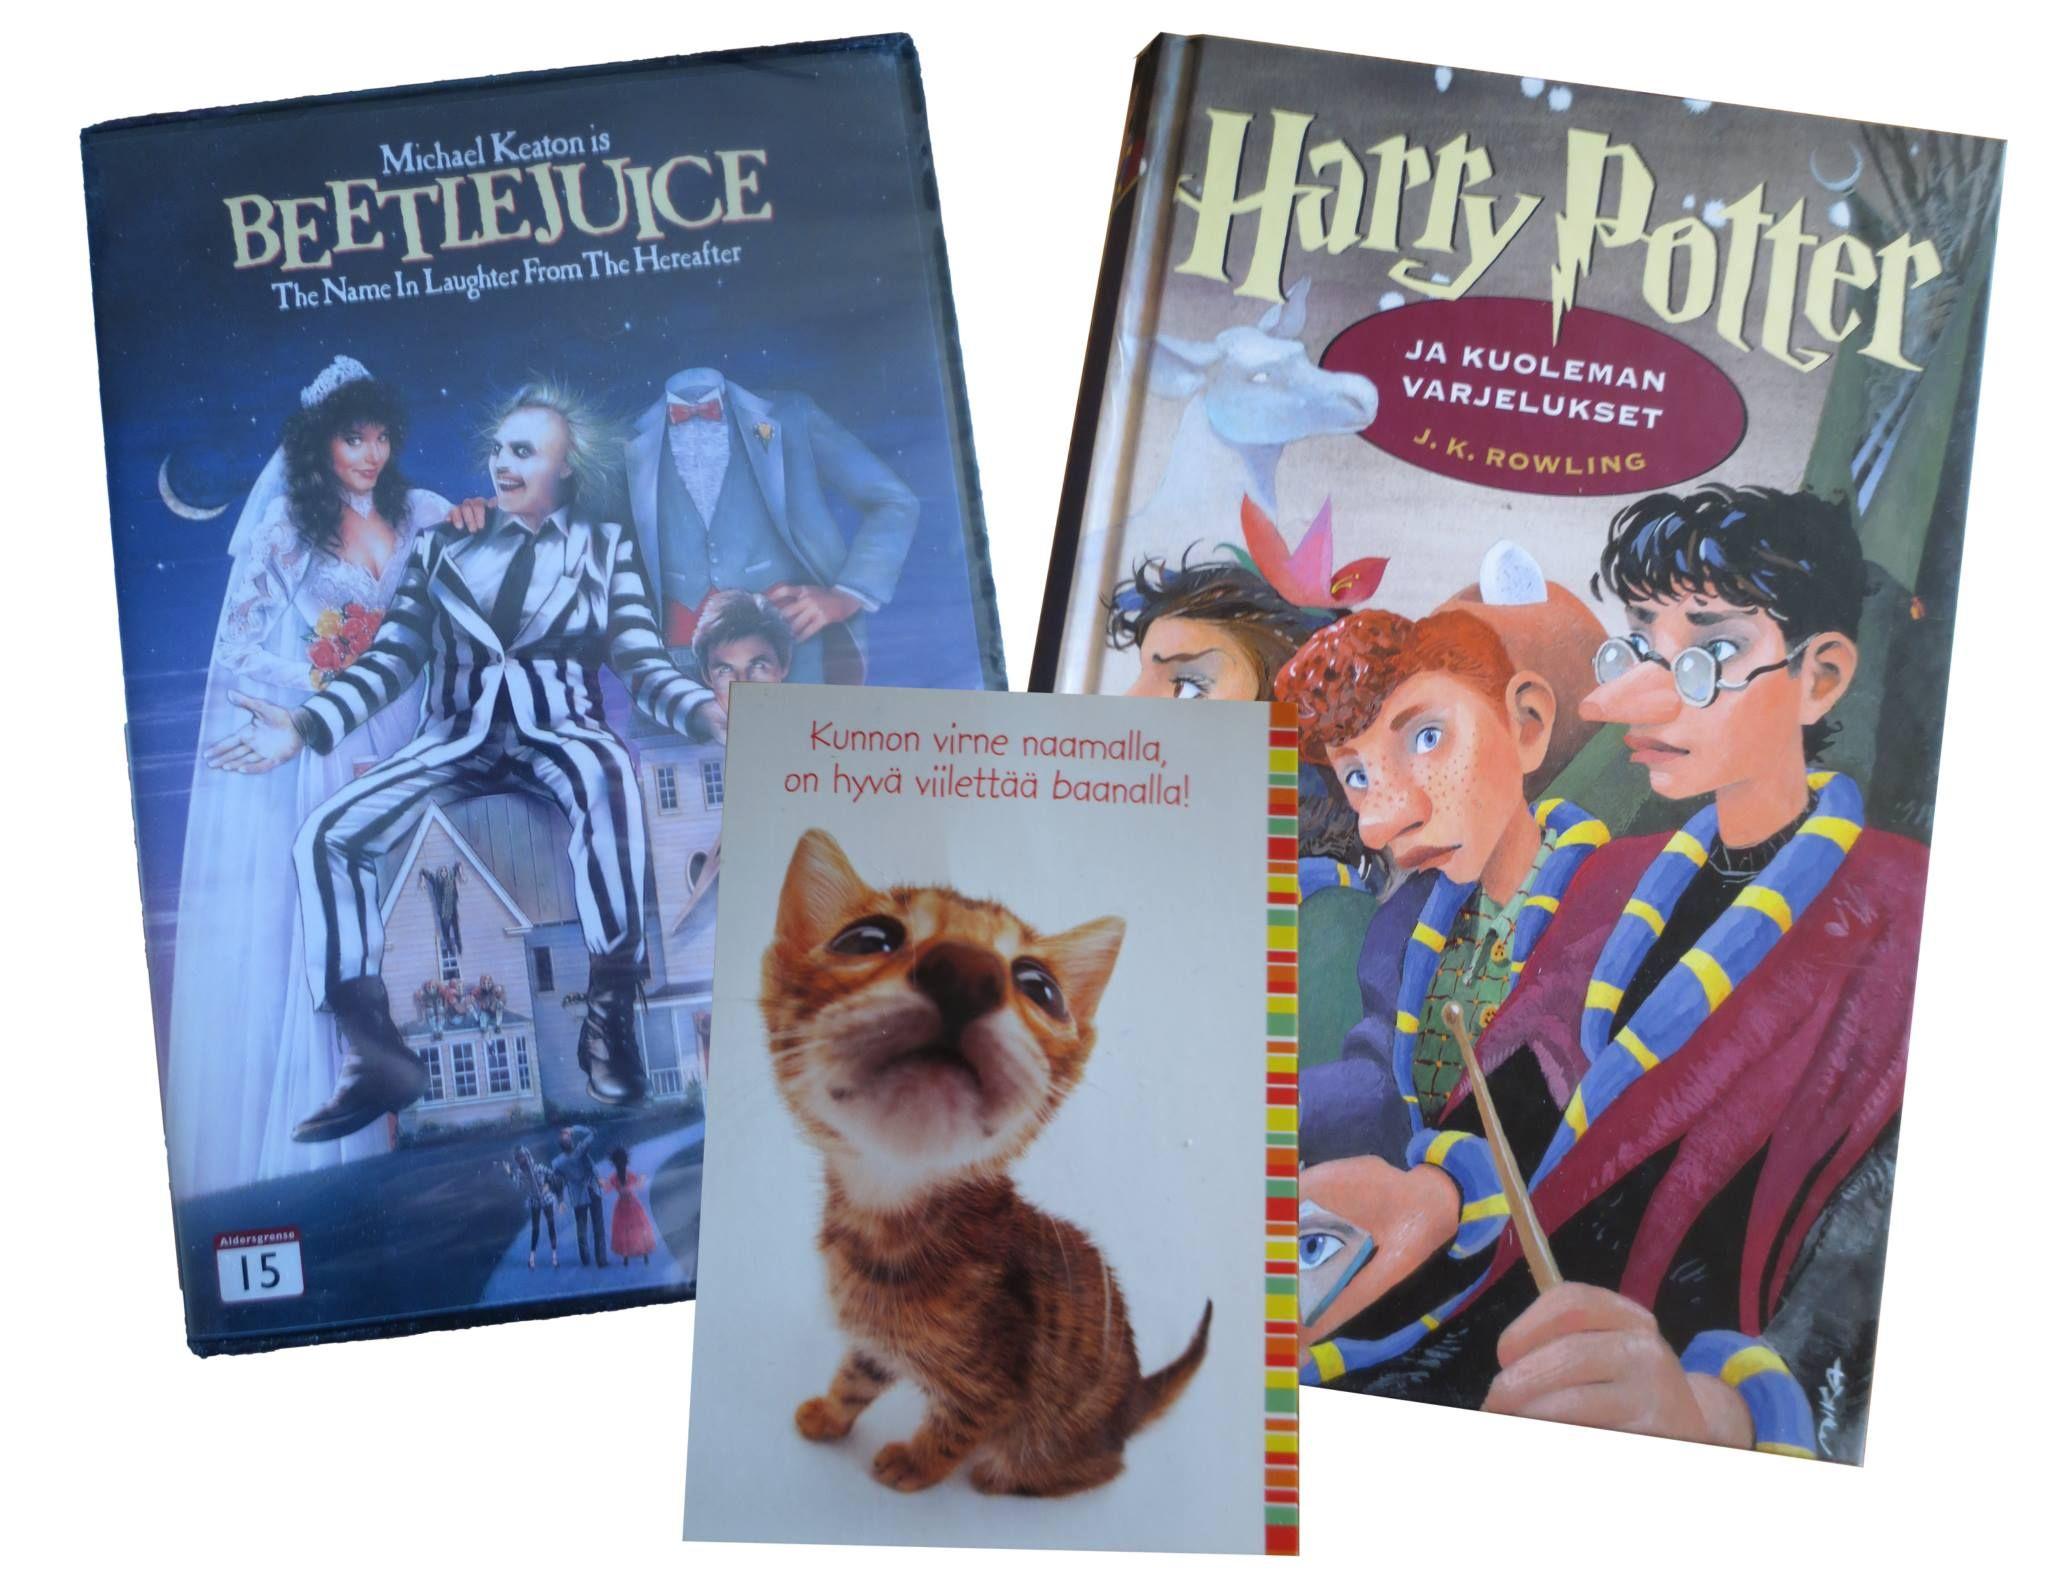 SY Arvorinki lokakuu 2013: Paketista tuli Beetlejuice (DVD) sekä Harry Potter ja Kuoleman Varjelukset (kirja).